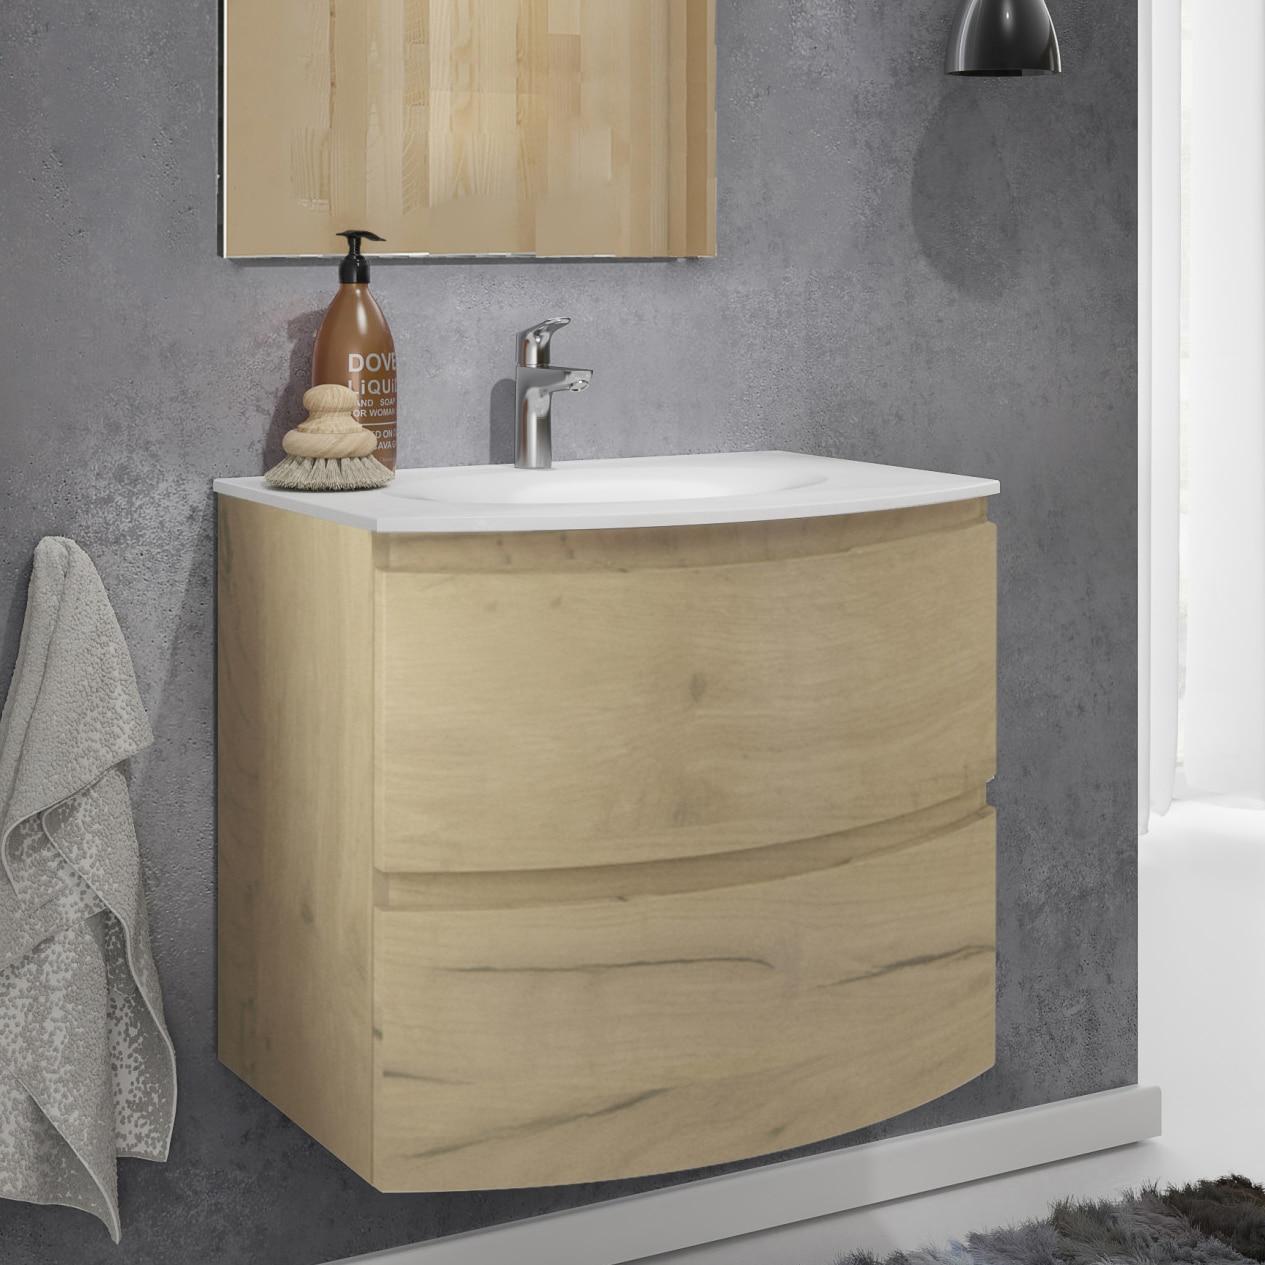 Fotografie Lavoar (chiuveta baie) Kring Veronica, din compozit alb, 69.5x13.2x50.5 cm